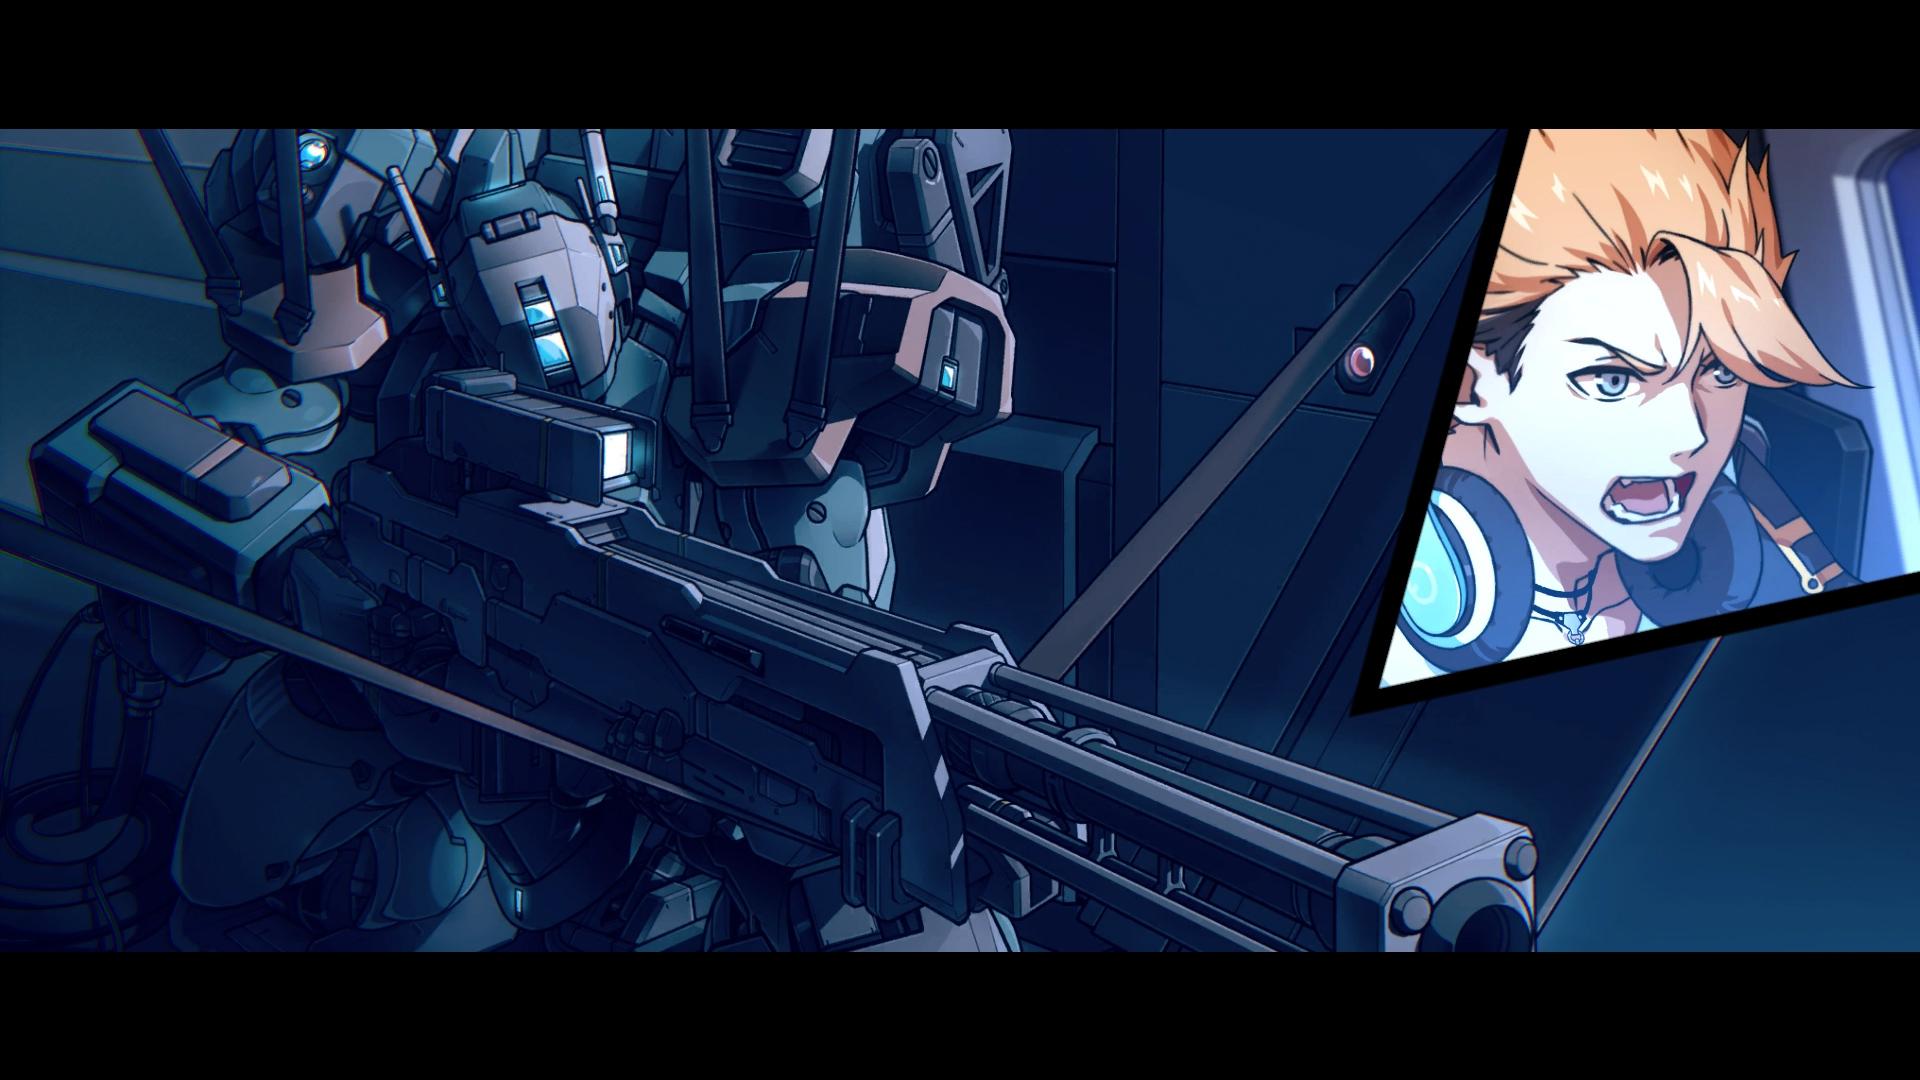 国产动作游戏《硬核机甲》上架Steam 热血硬派钢之对决